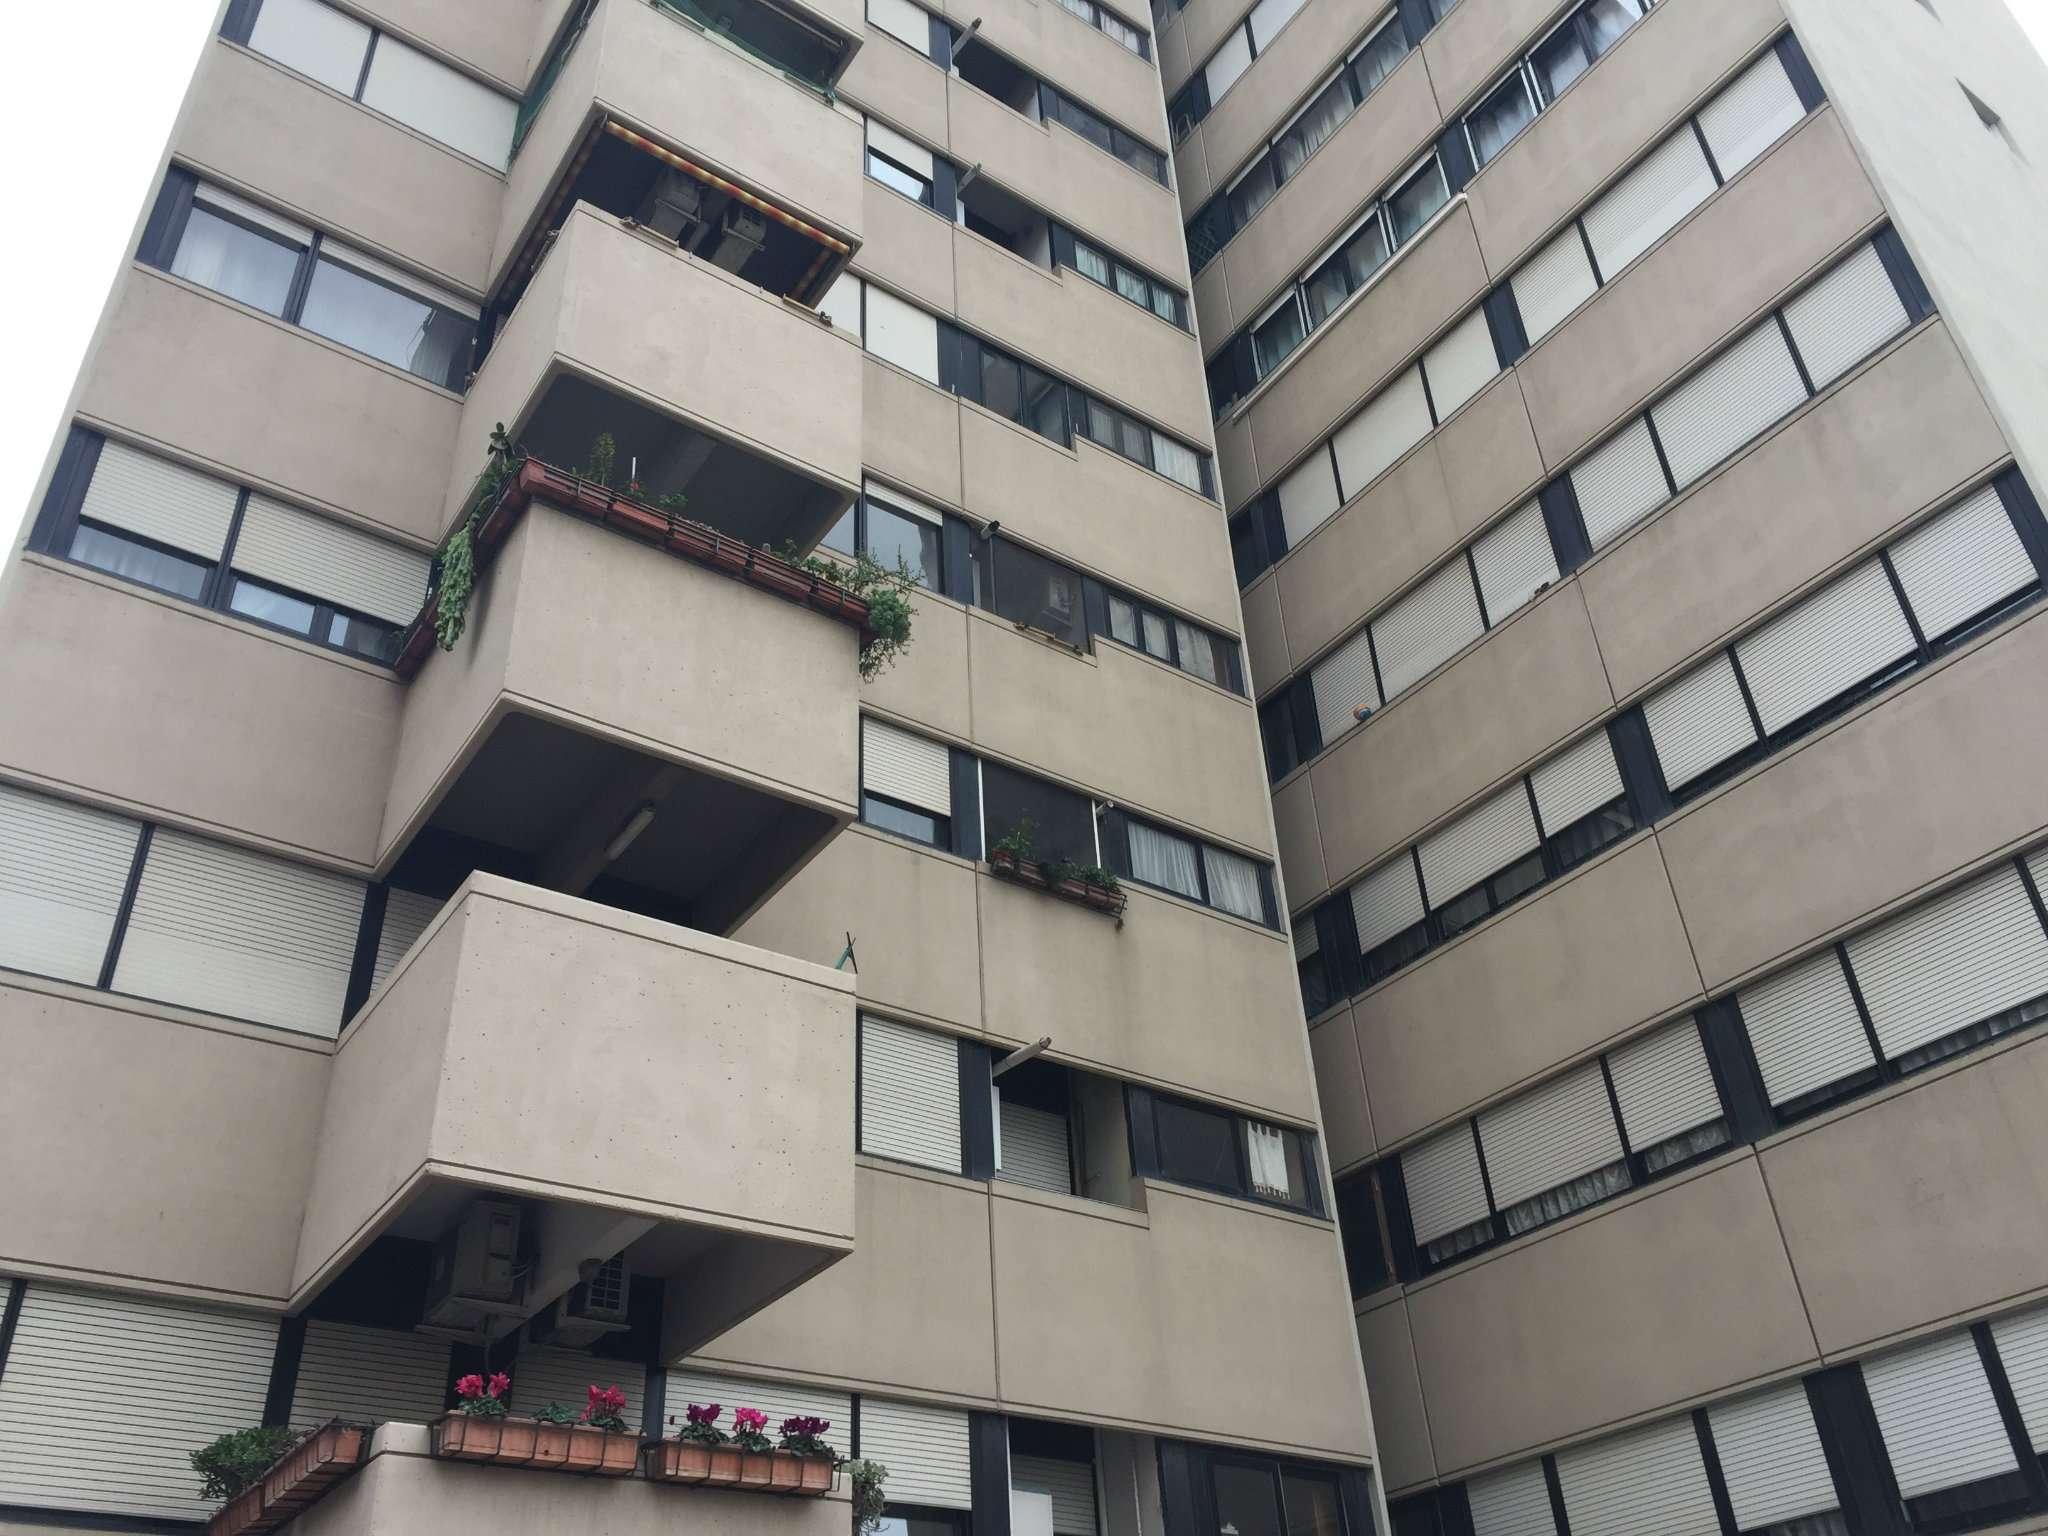 Appartamento in vendita a Roma, 4 locali, zona Zona: 21 . Laurentina, prezzo € 225.000 | CambioCasa.it